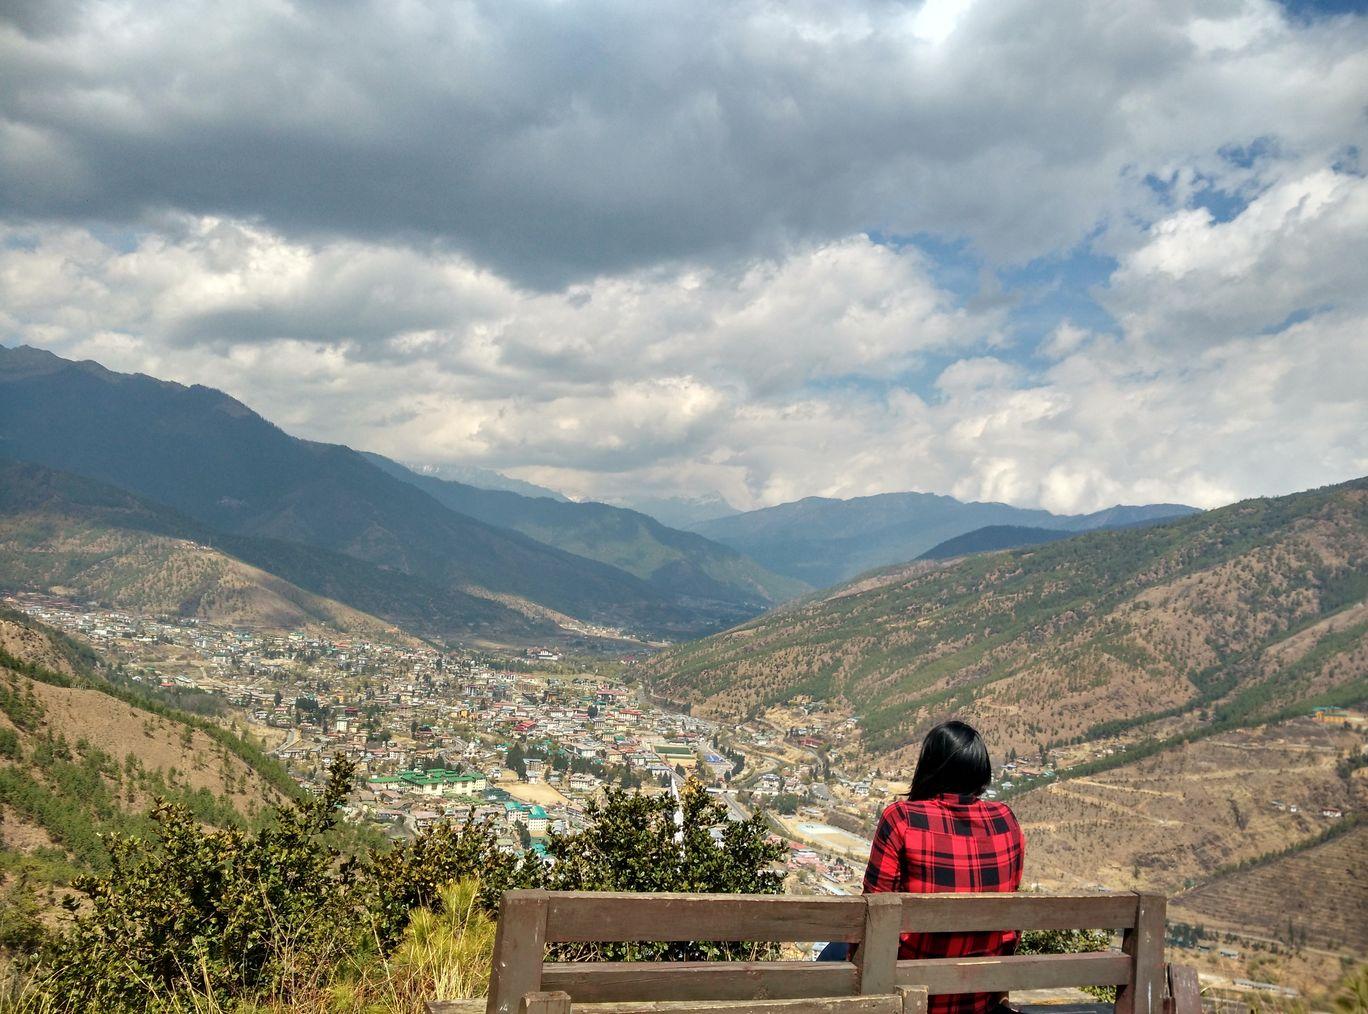 Photo of Bhutan By Rosily Sunitha